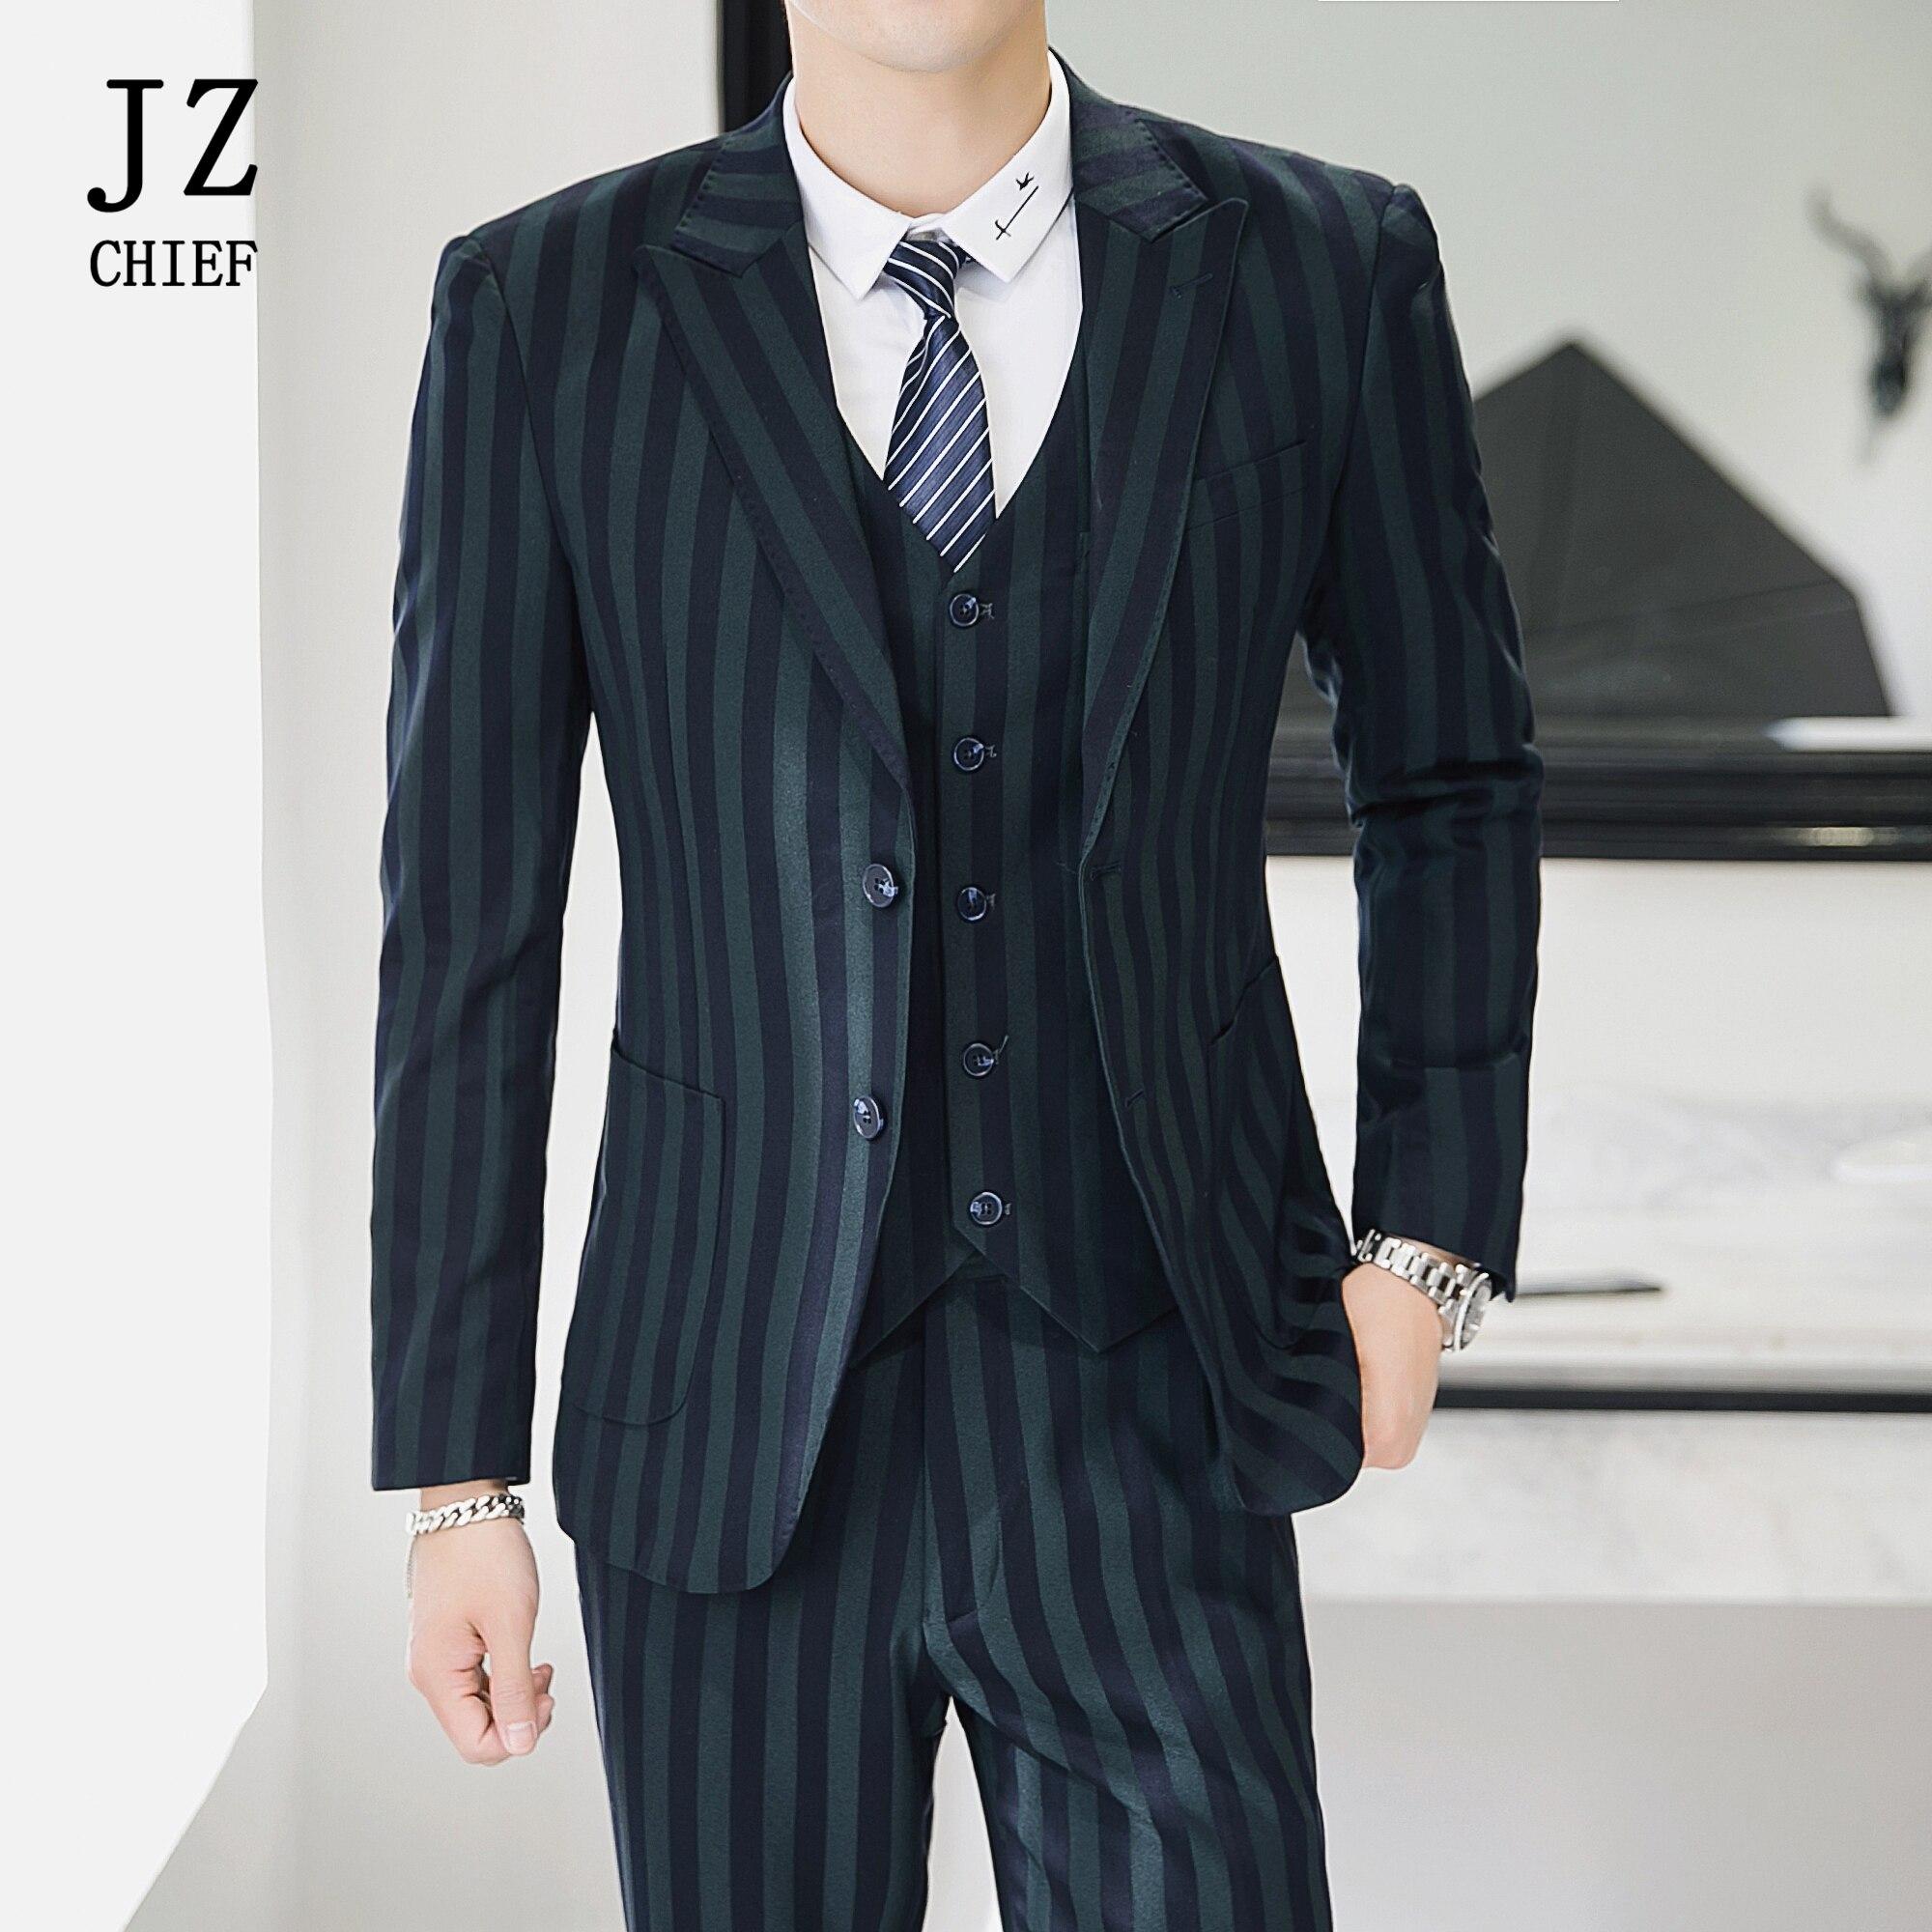 JZ CHIEF Wedding Suits for Men Three Piece Groom Suit Plaid Blazer Jacket Vest and Pants Tuxedo Men Dress Suits Green